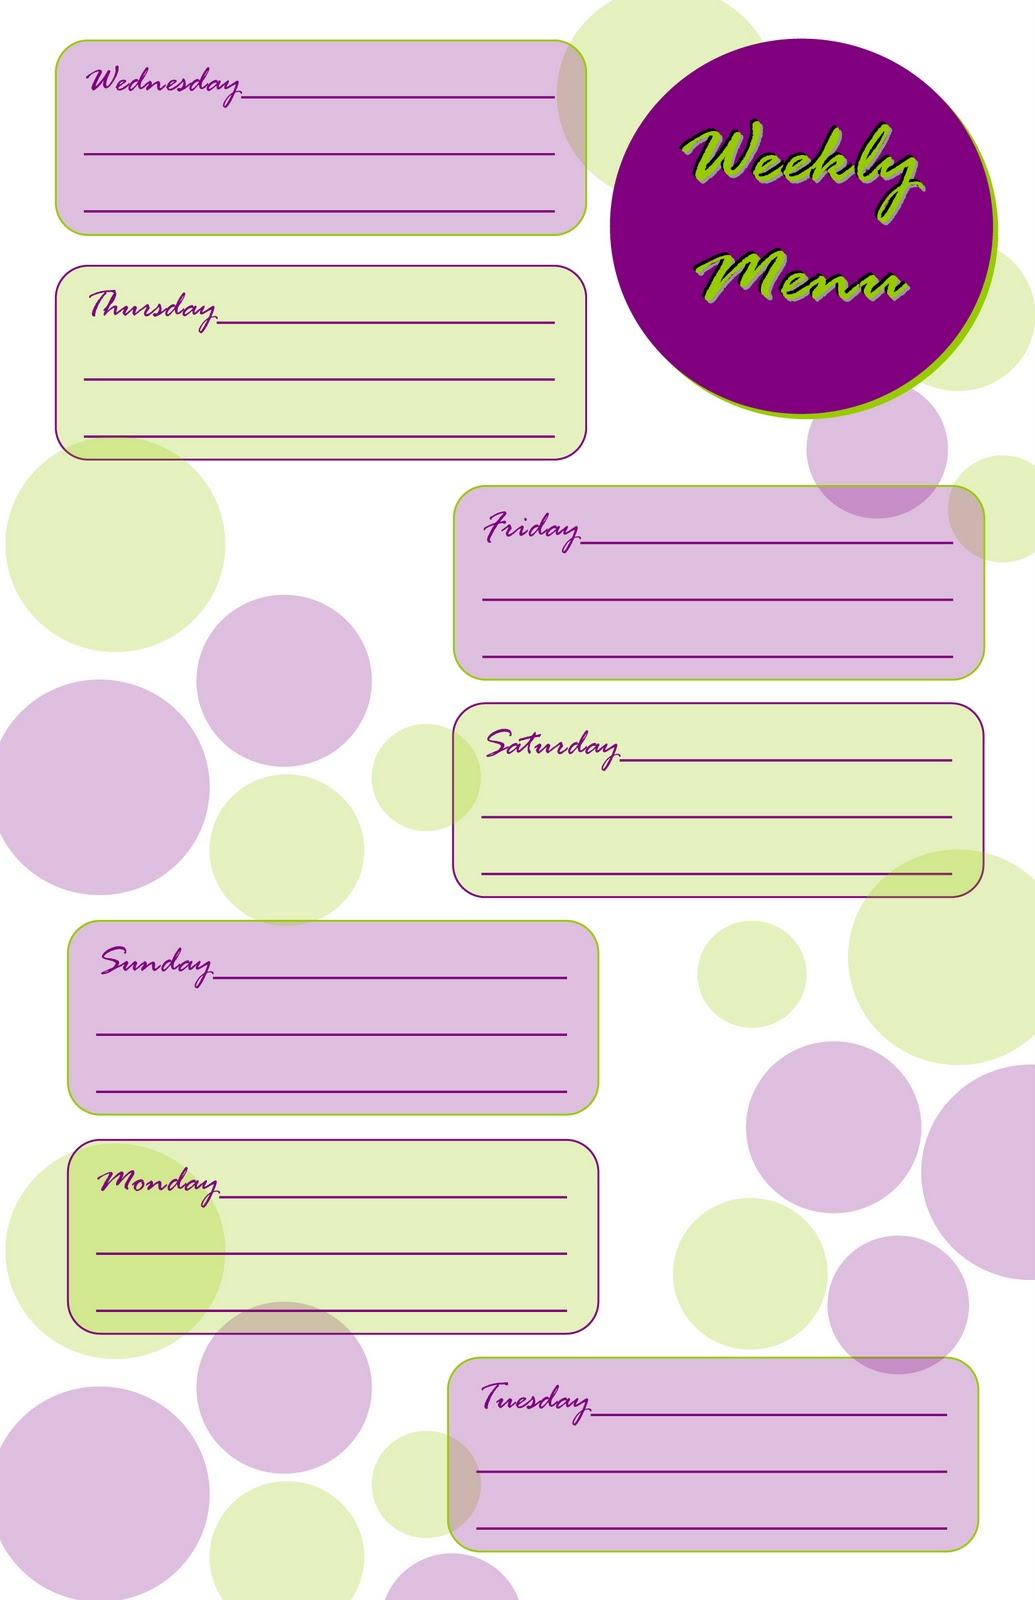 Taking Time To Create Weekly Menu Planner Free Printable